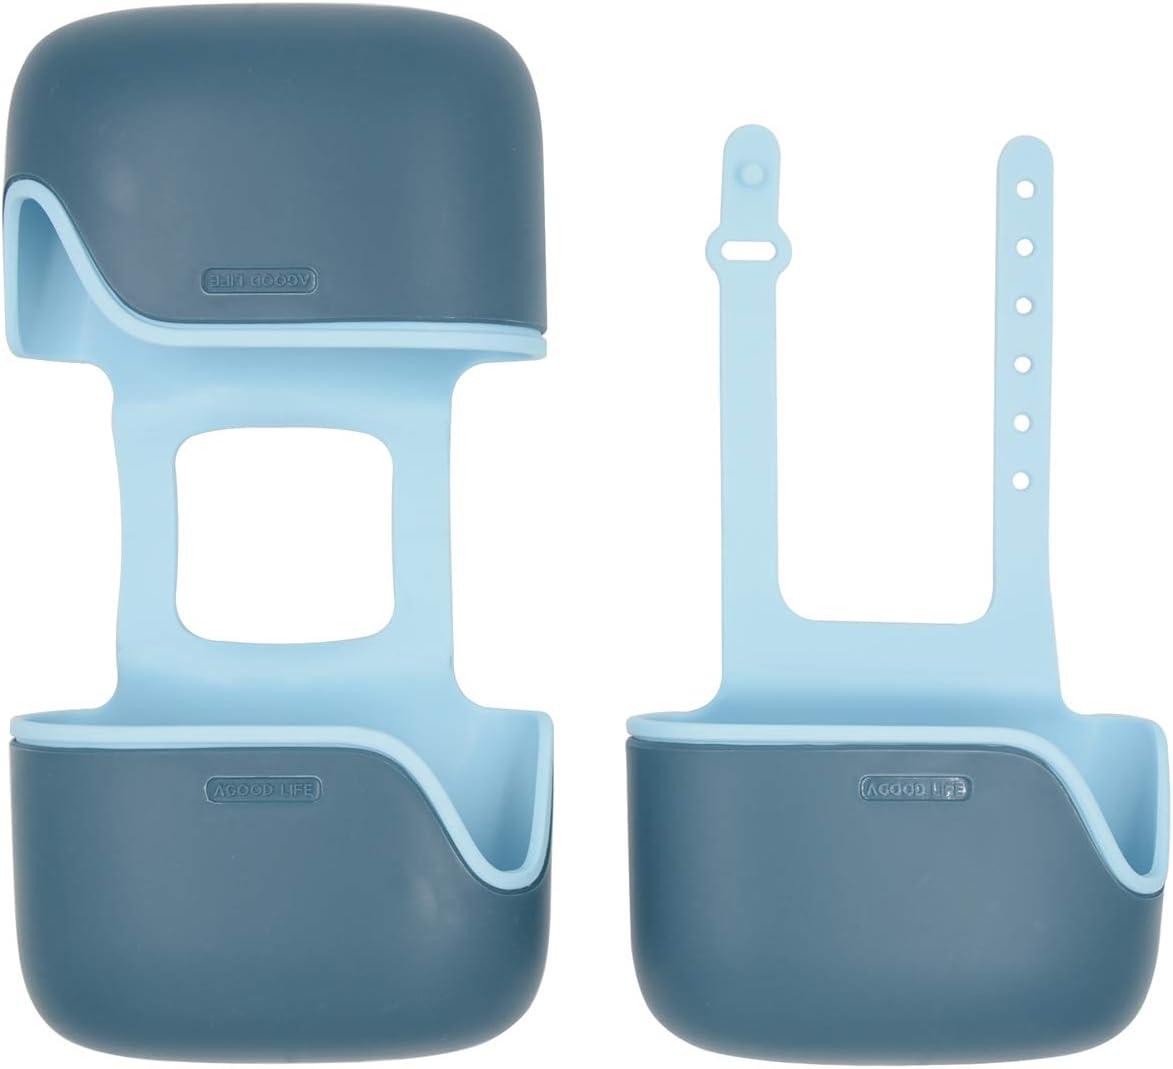 Sink Caddy Sponge Holder 2 Kitchen Faucet Packs for security Hang 2021 model